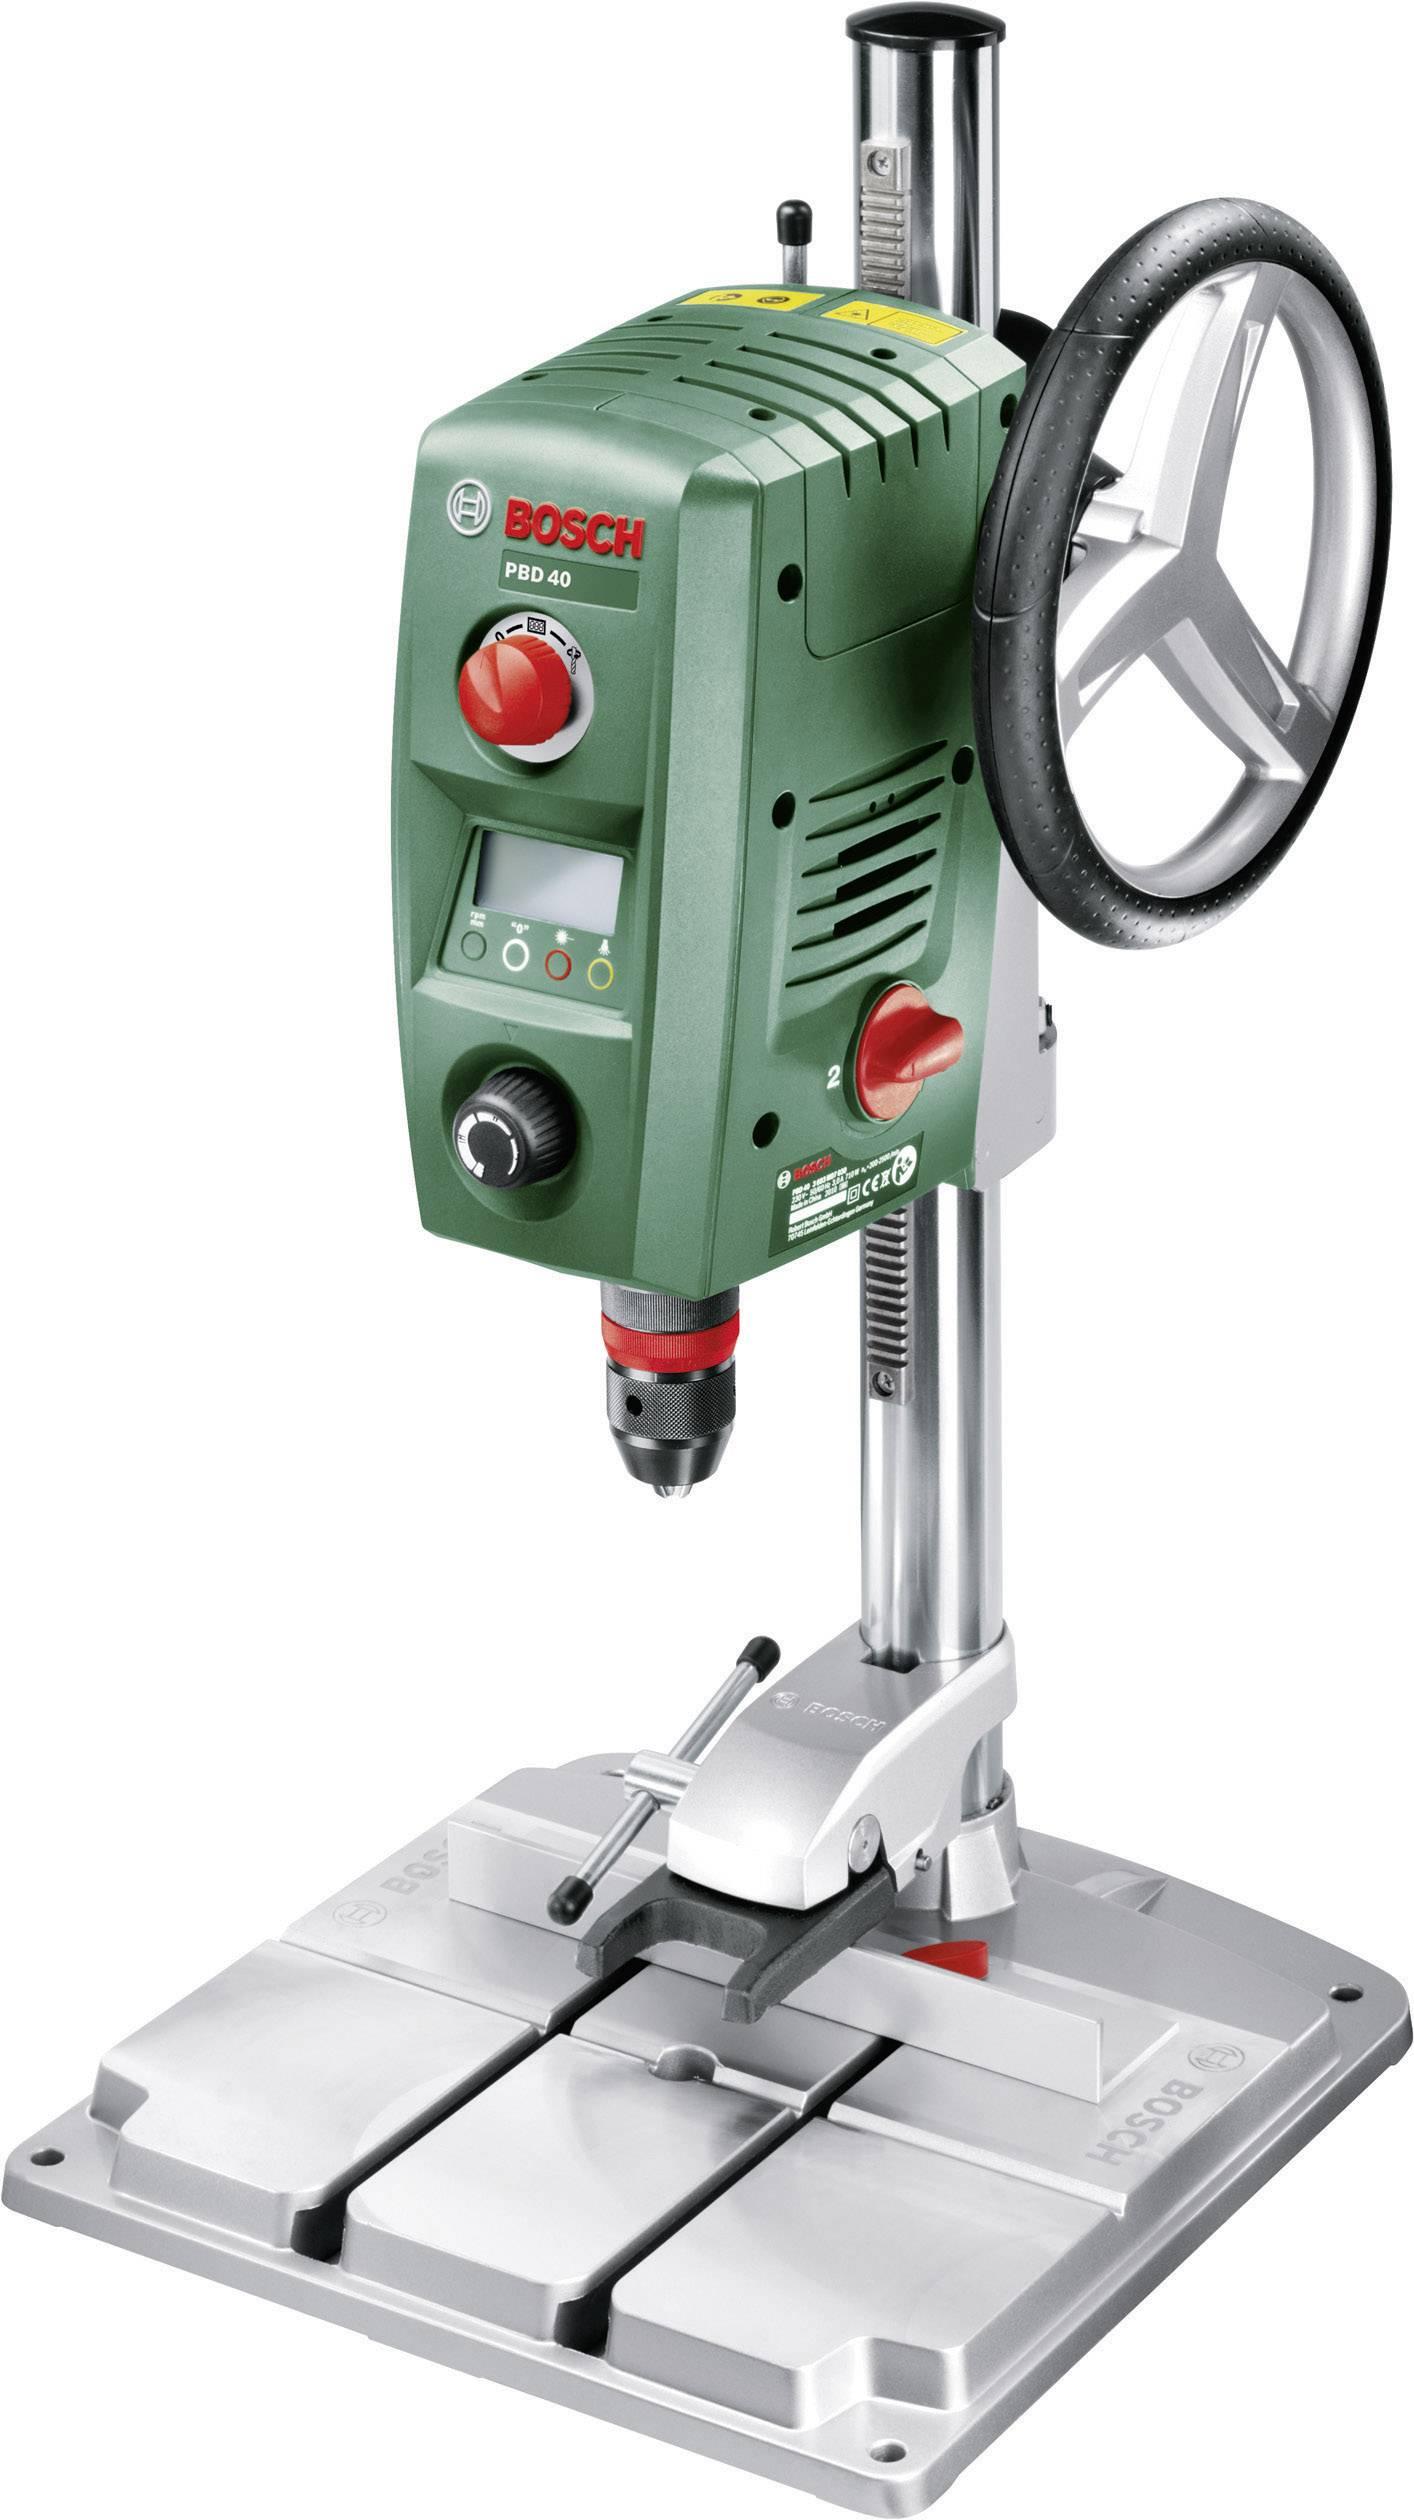 Stolní vrtačka PBD 40 Bosch 0603B07000